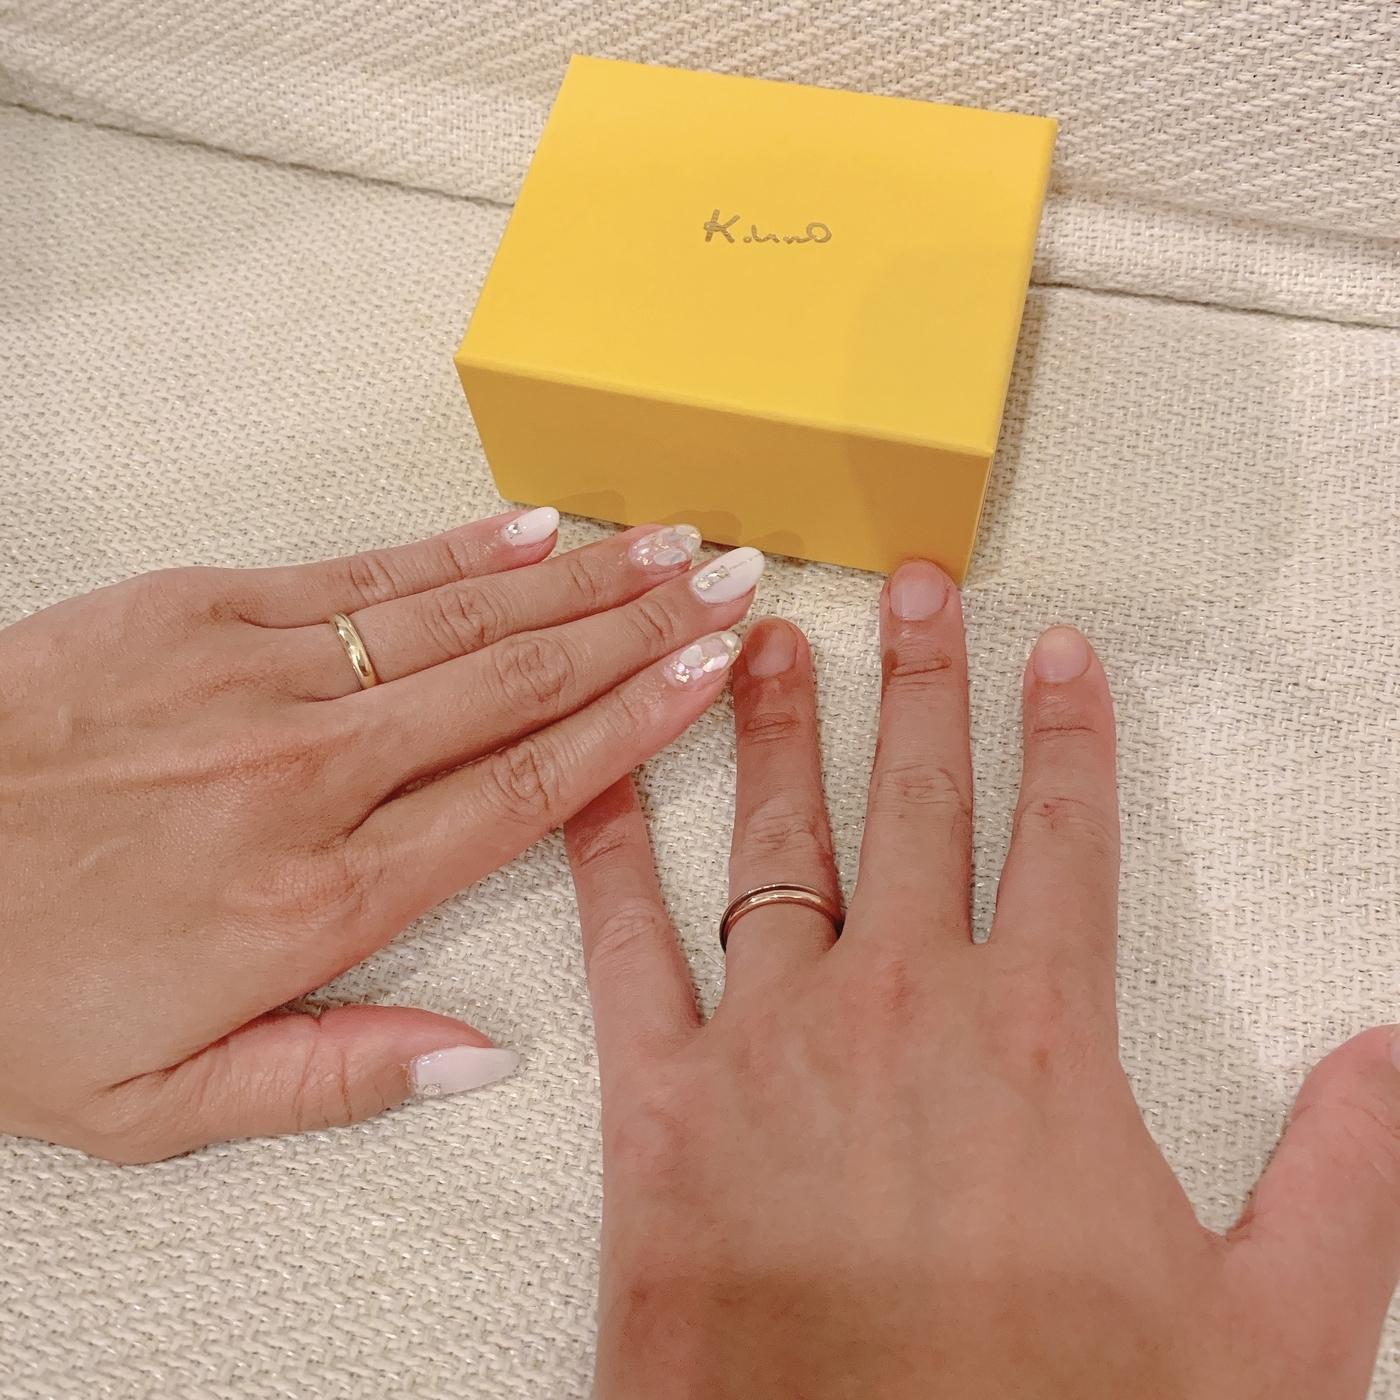 結婚指輪はケイウノ